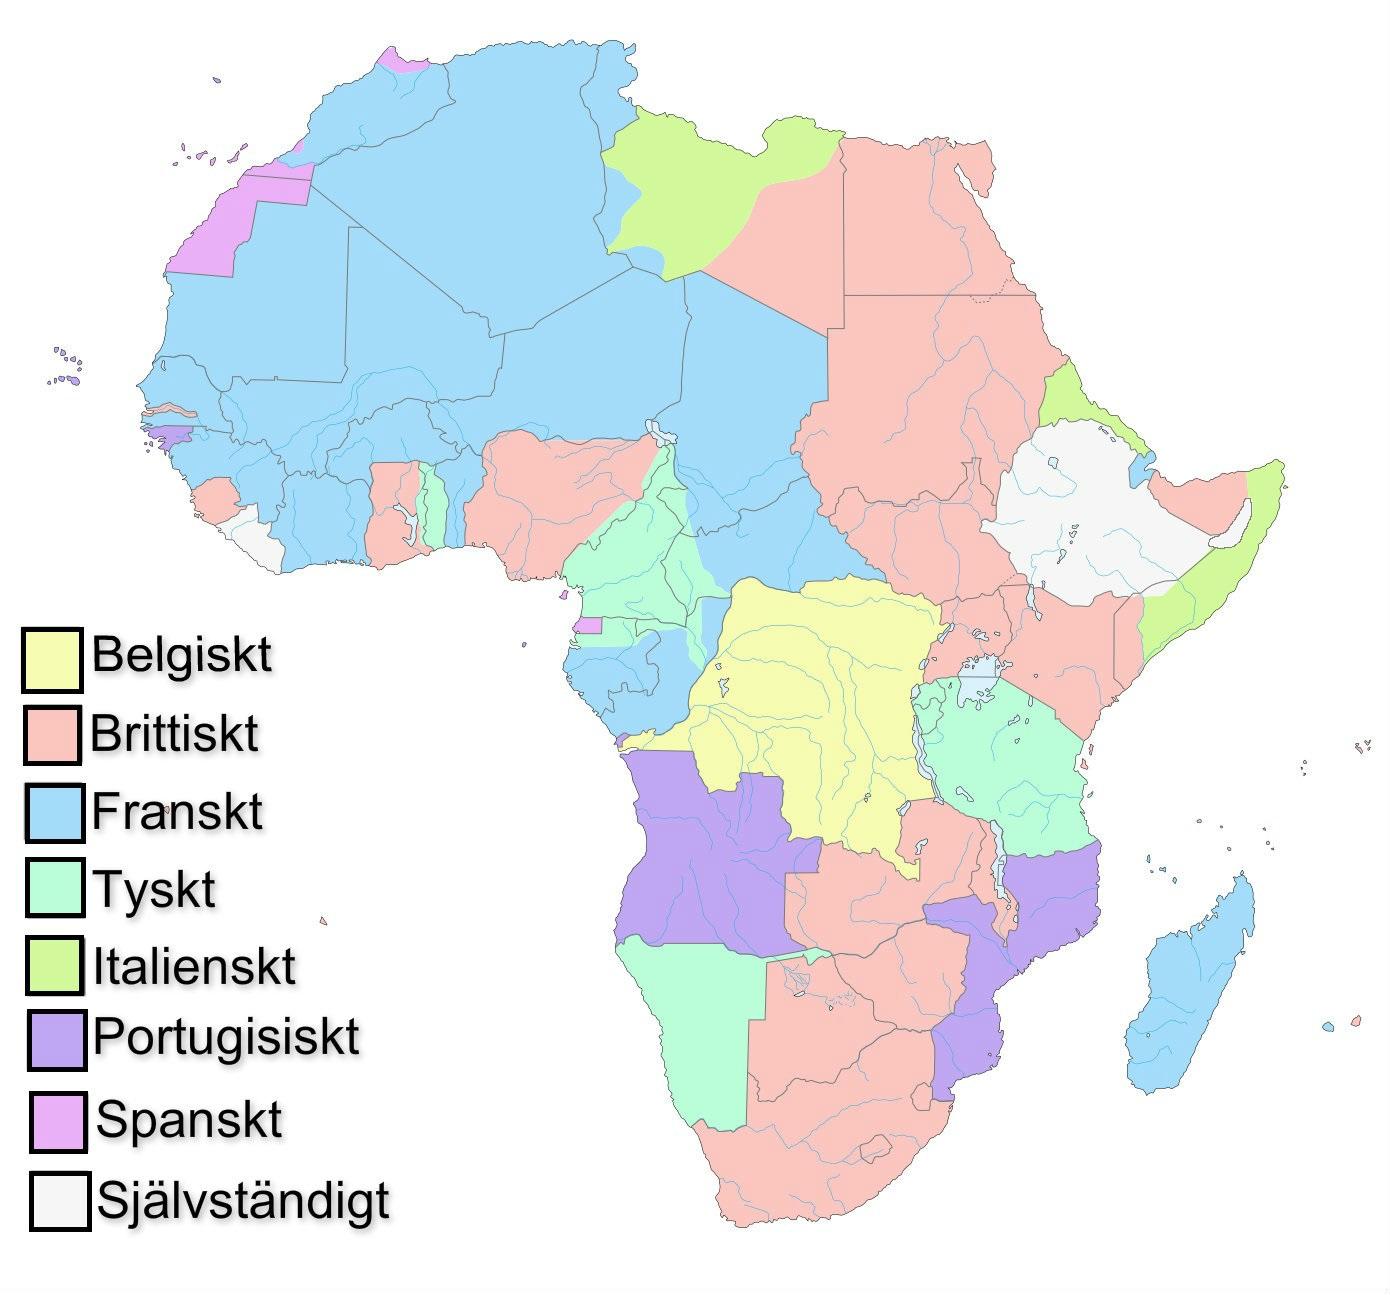 Lagenhet Namn Karta Enkel Land Medborgare Etiketter Afrika